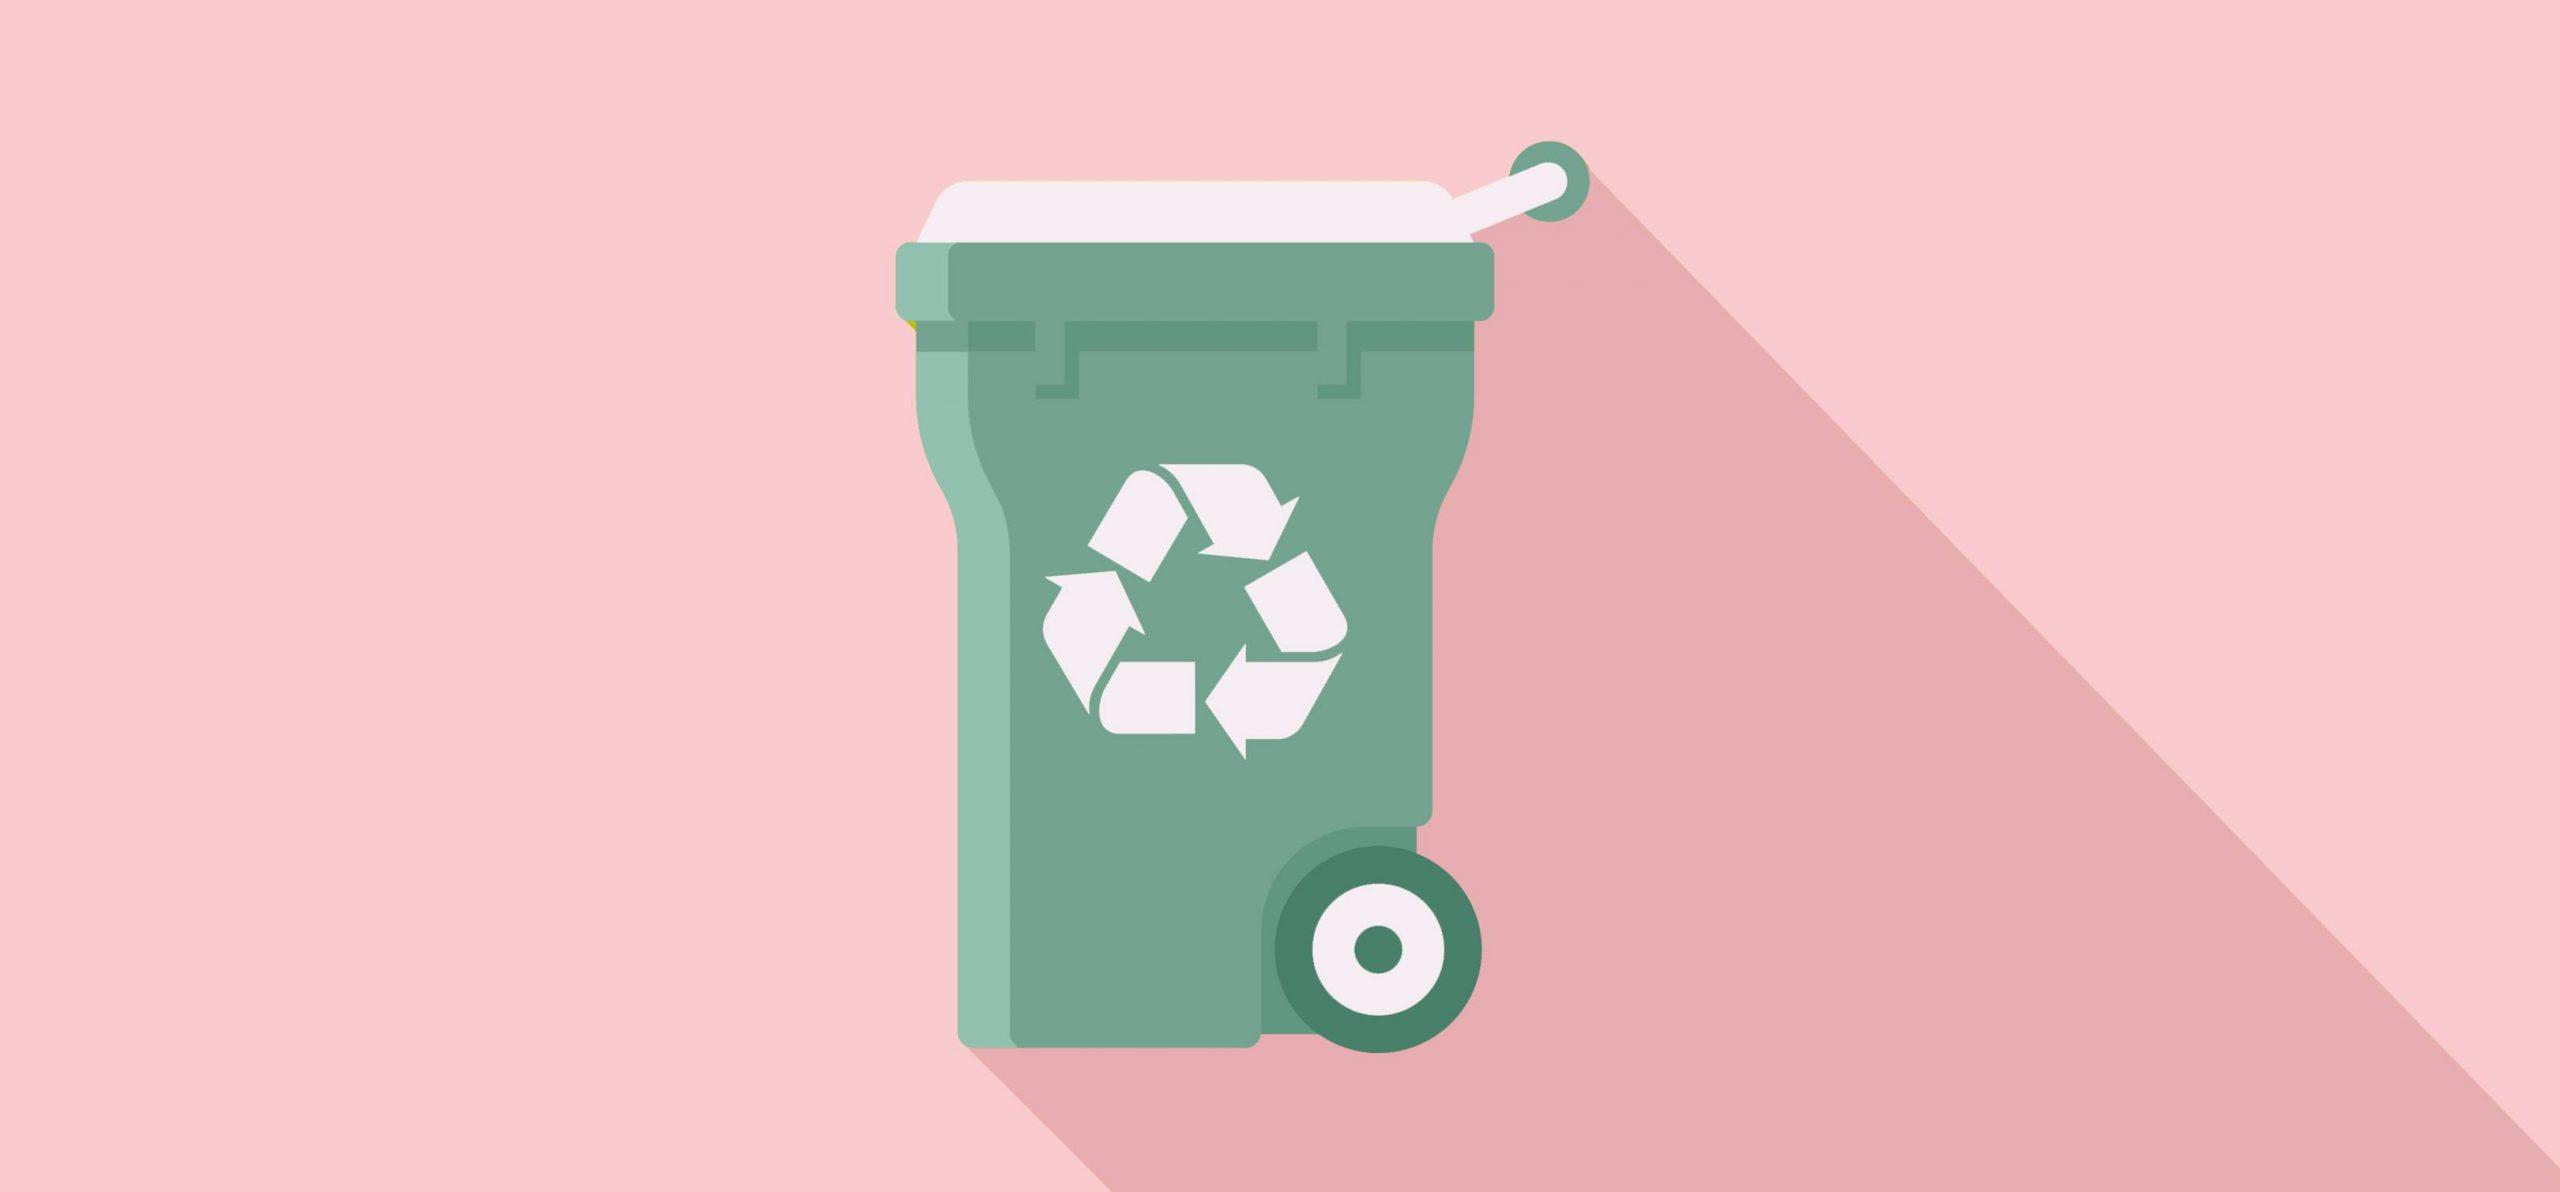 انواع زباله های شهری و مدیریت آنها را بشناسید